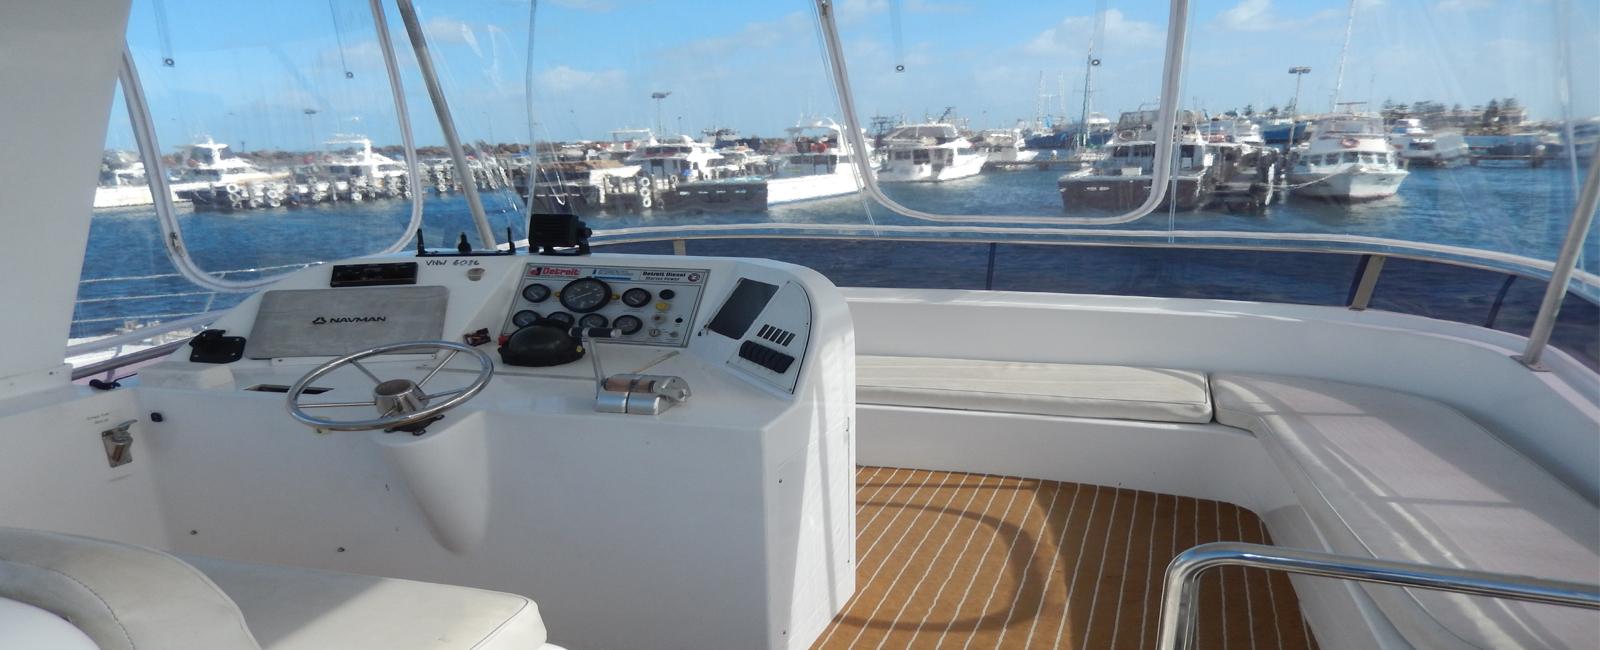 AQUARIUS-boat-charters-Perth-upper-deck-bridge